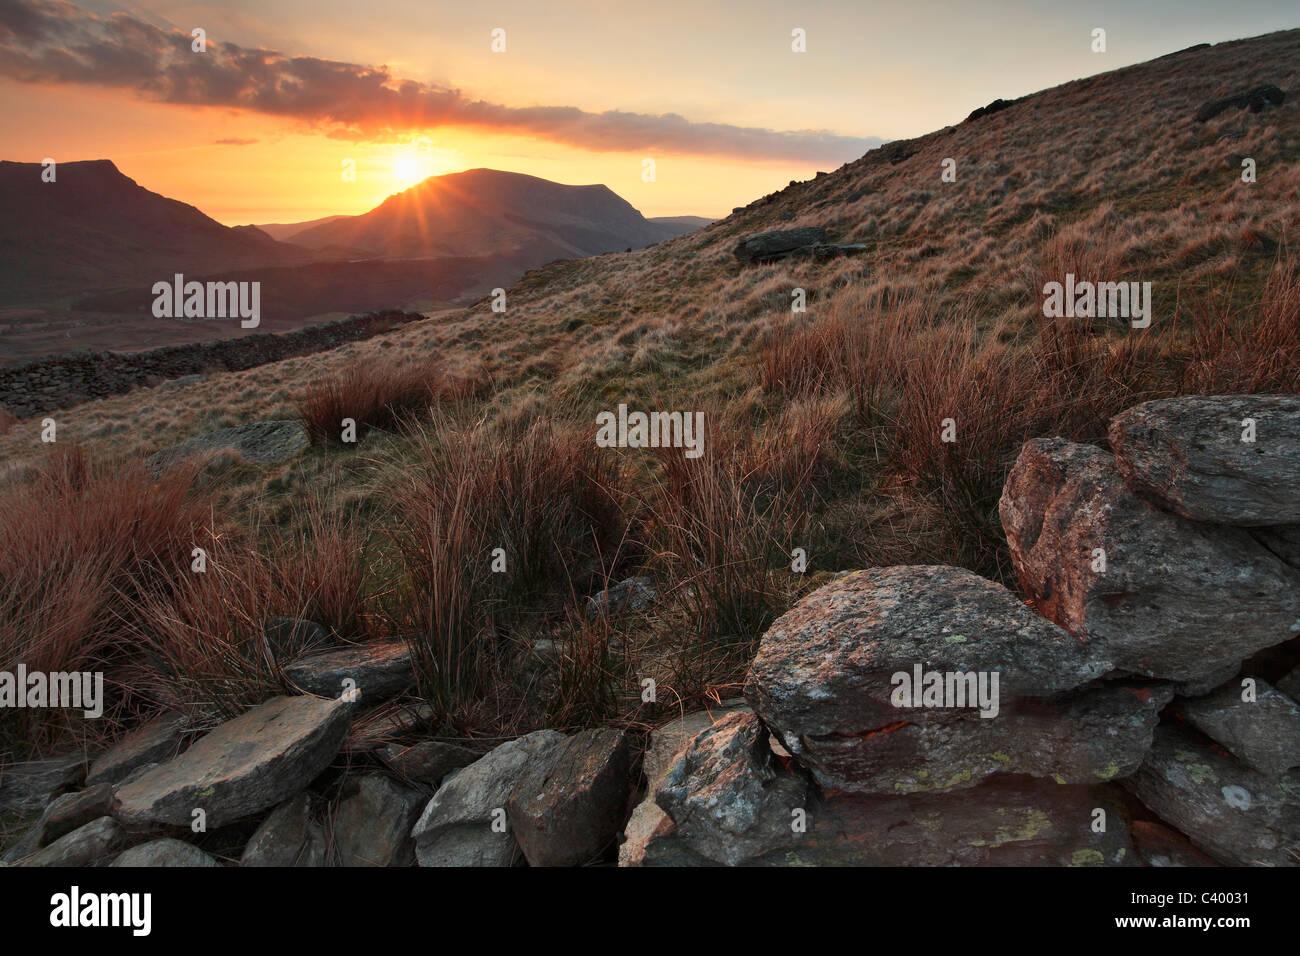 Sol detrás de Craig Cwm Silyn visto desde la senda cerca de Snowdon Ranger Rhyd Ddu en Gwynedd, Gales Imagen De Stock